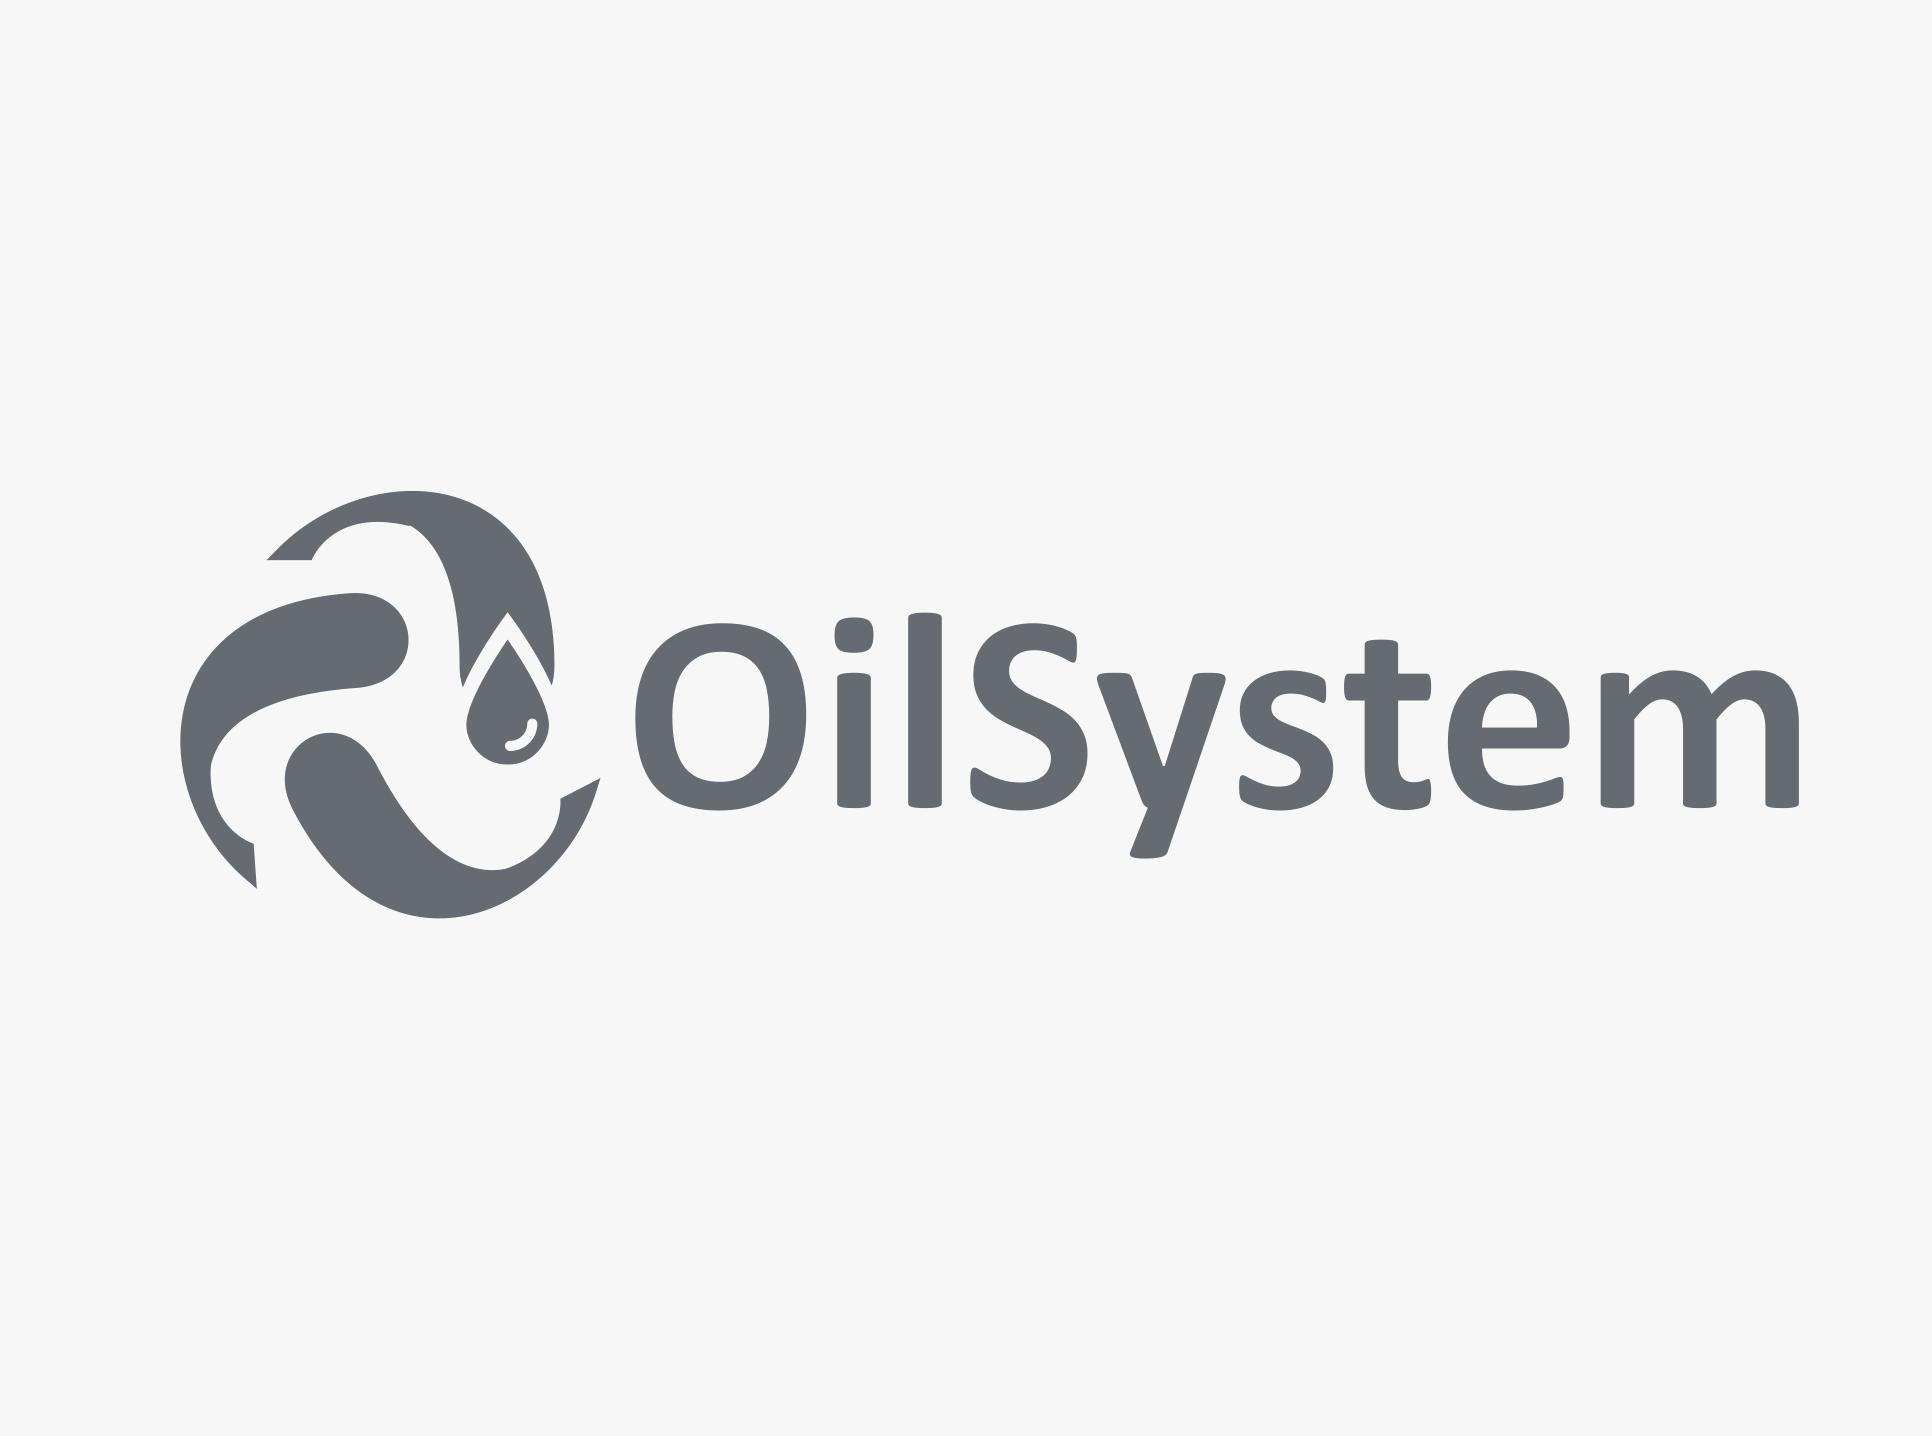 stories-oilsystem.png